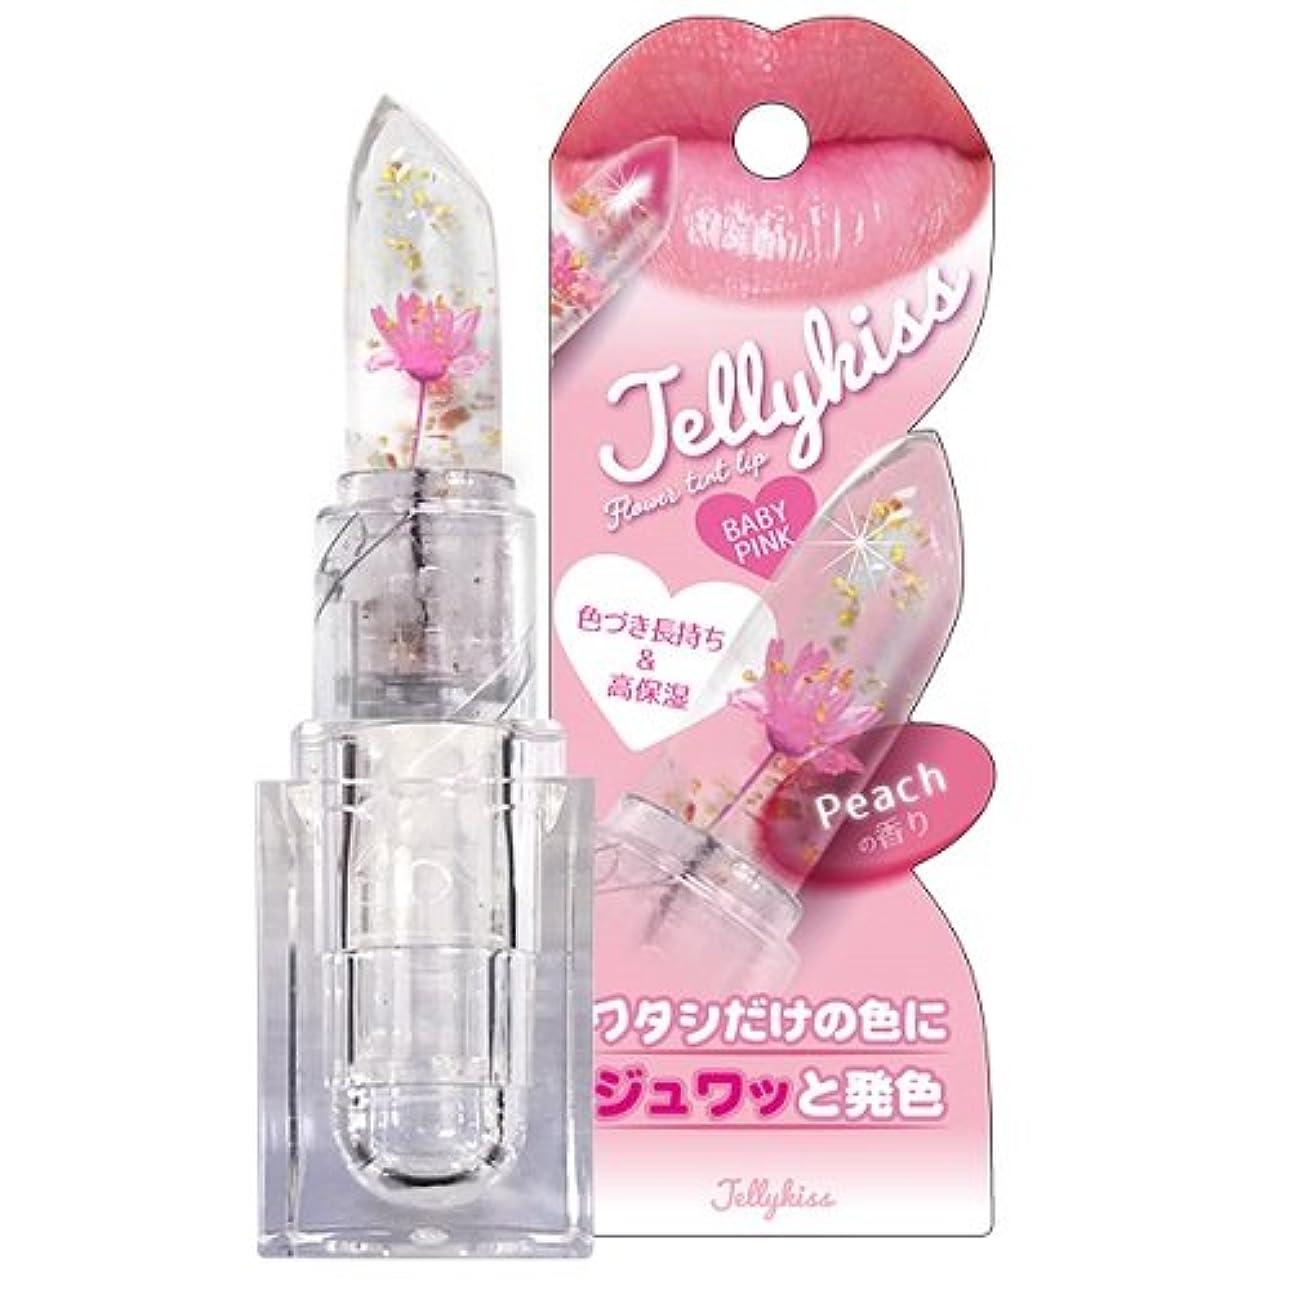 ぬれた永遠の参照するジェリキス (Jelly kiss) 03 ベビーピンク 3.5g